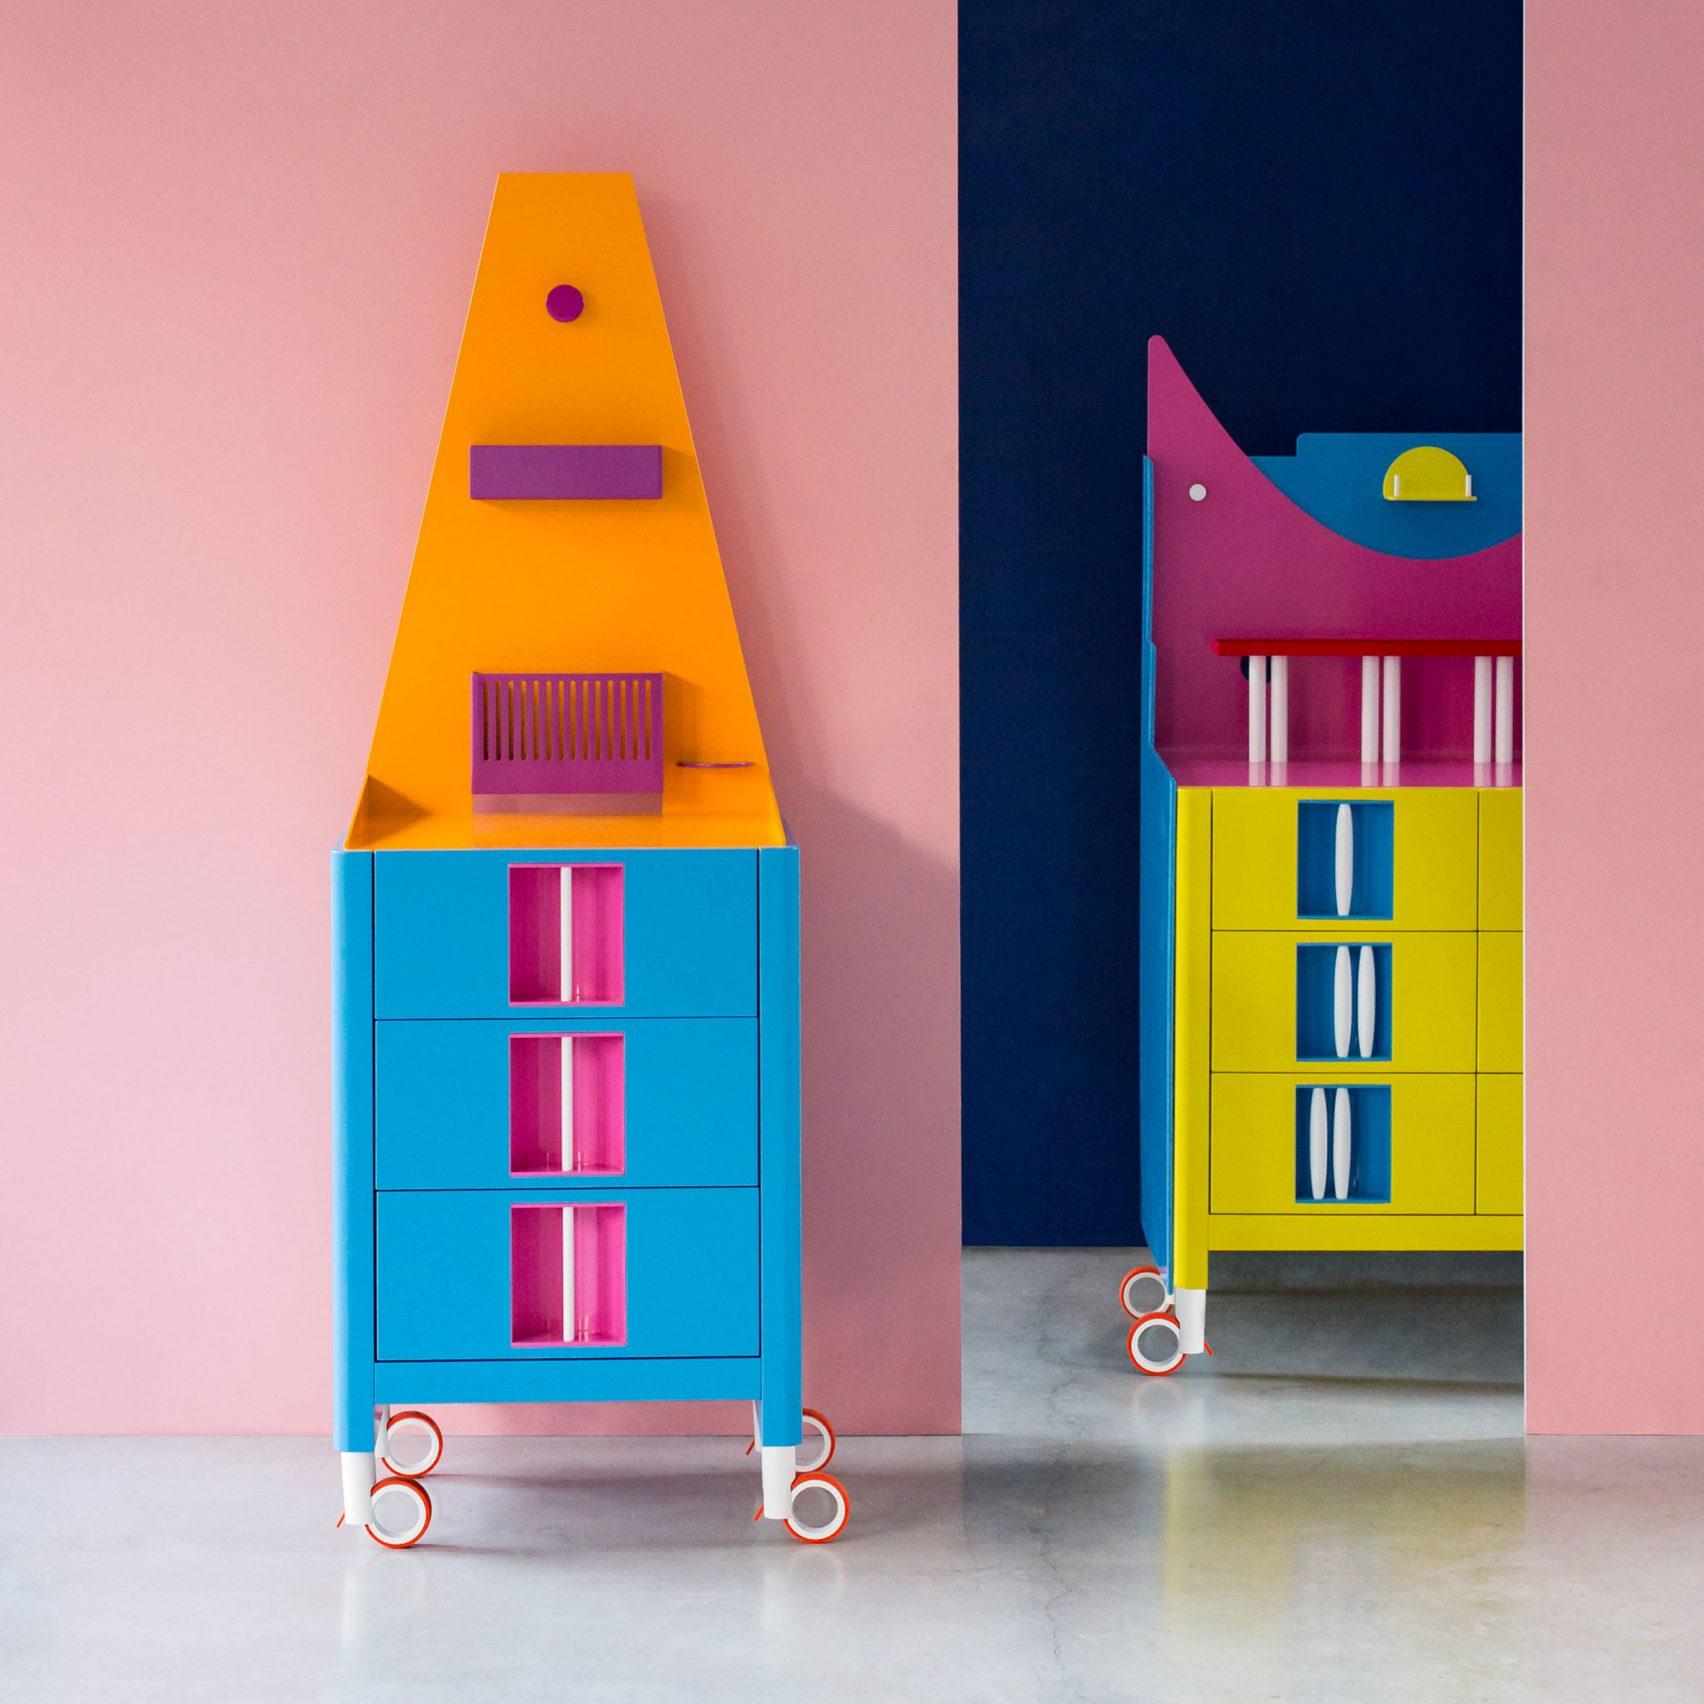 nakano-twins-adam-nathaniel-furman-furniture-design_dezeen_sq2-1704x1704.jpg